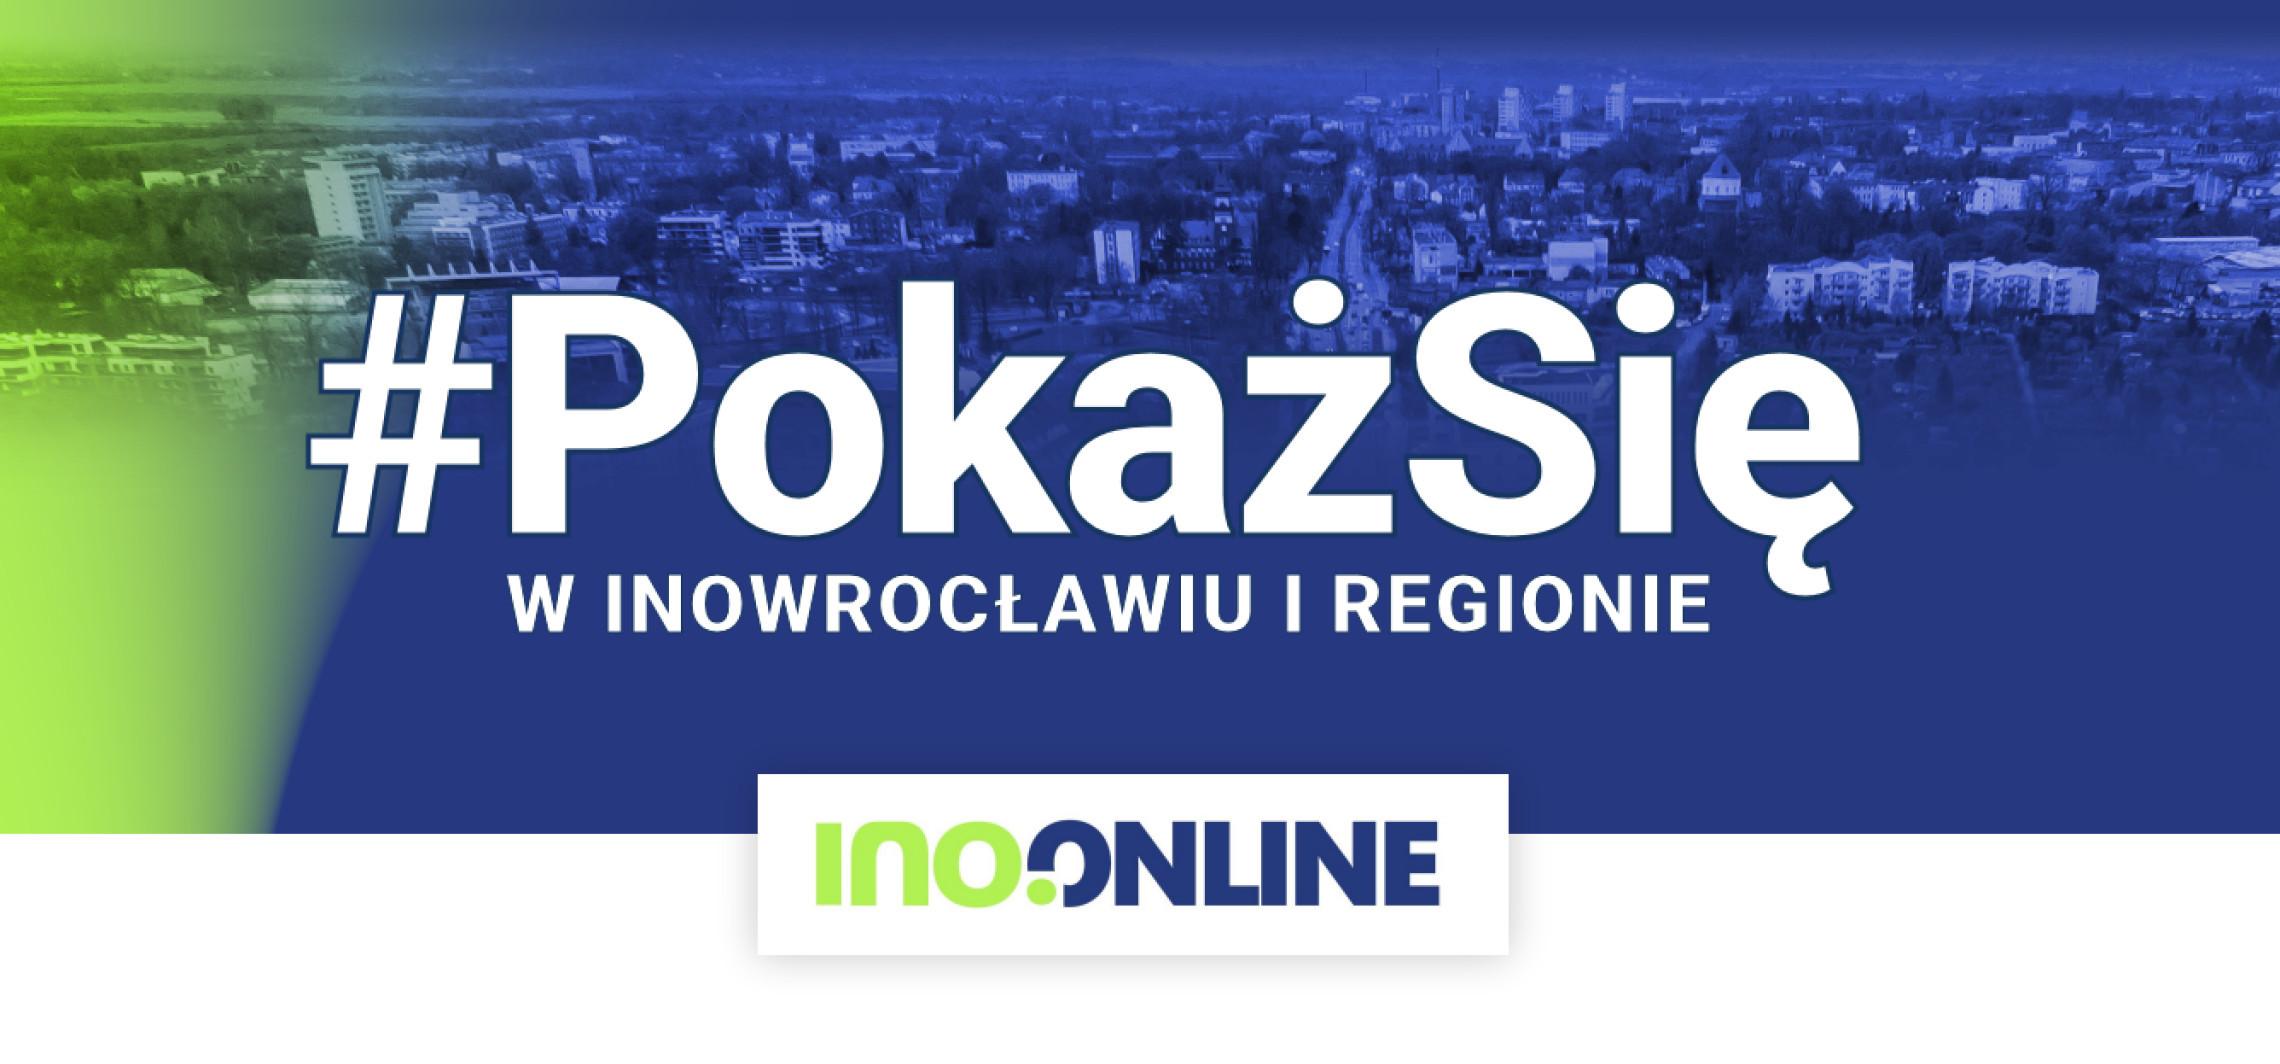 Inowrocław - #PokażSię. Zyskaj klientów dzięki nowej reklamie